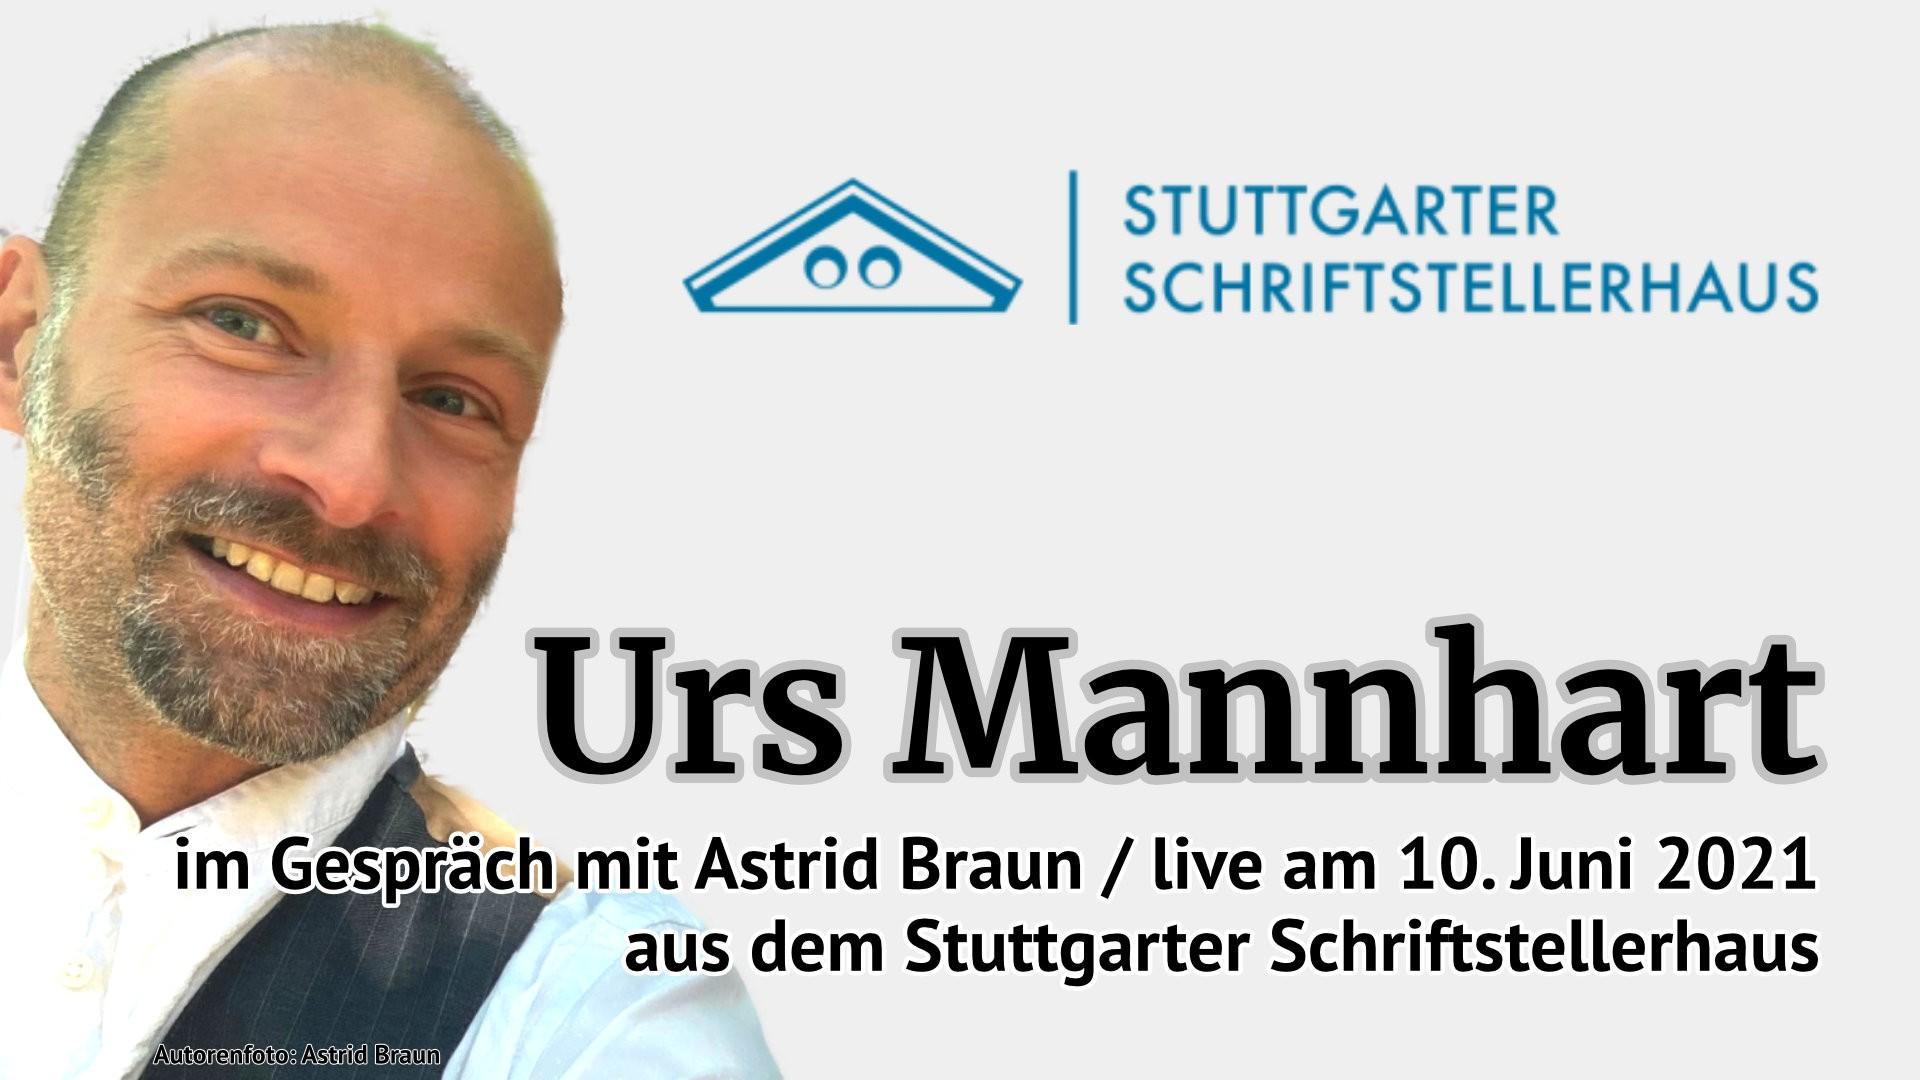 Urs Mannhart im Gespräch mit Astrid Braun live aus dem Stuttgarter Schriftstellerhaus